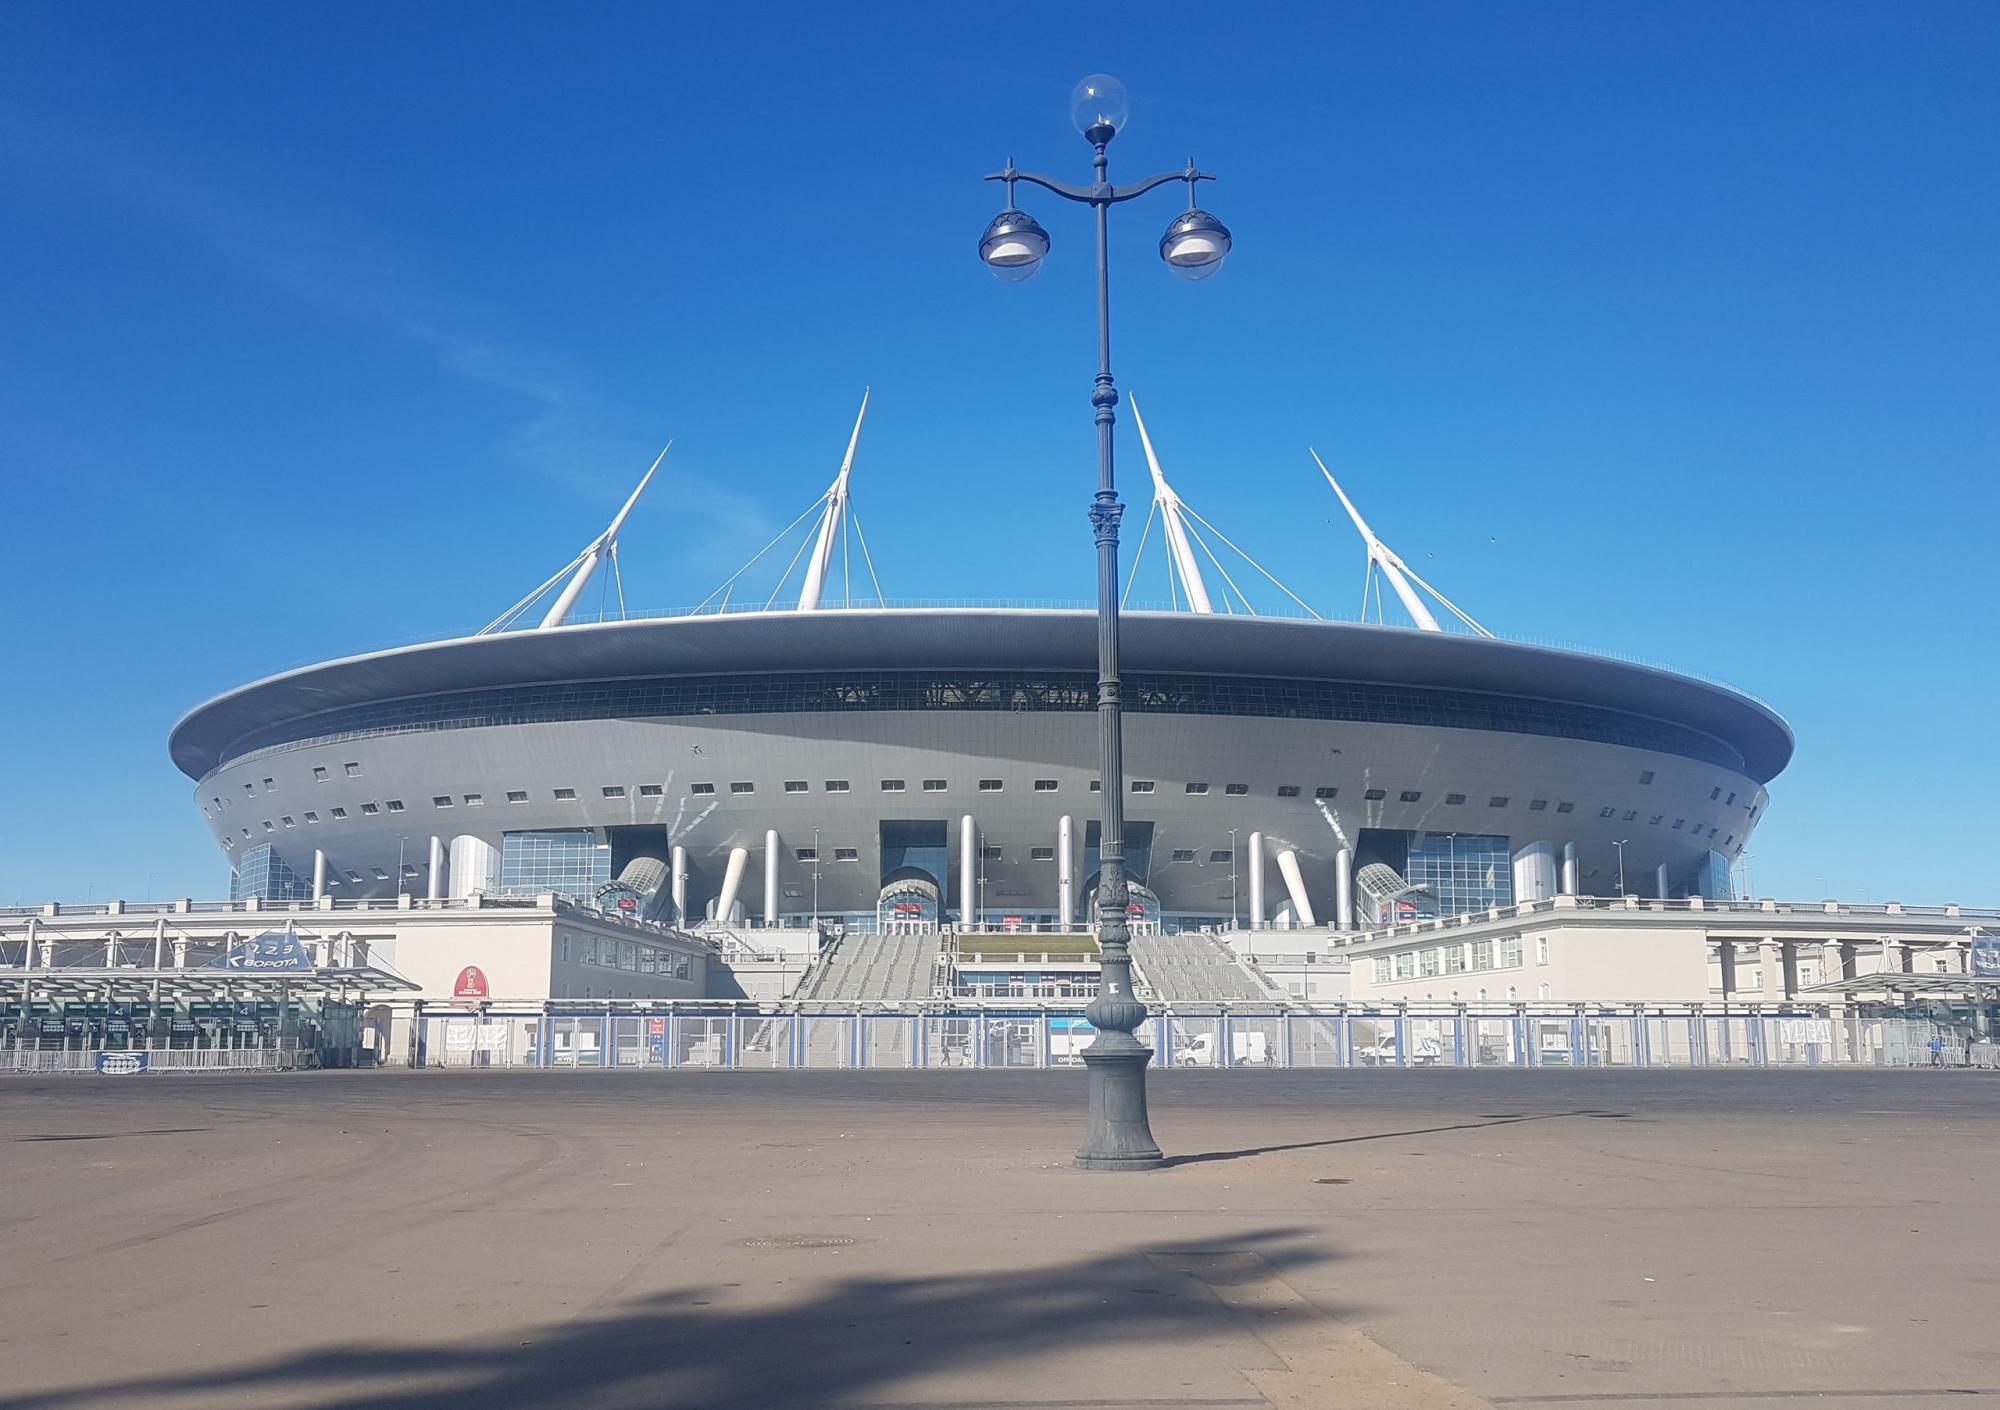 этом случае крестовский стадион фото сейчас свой него